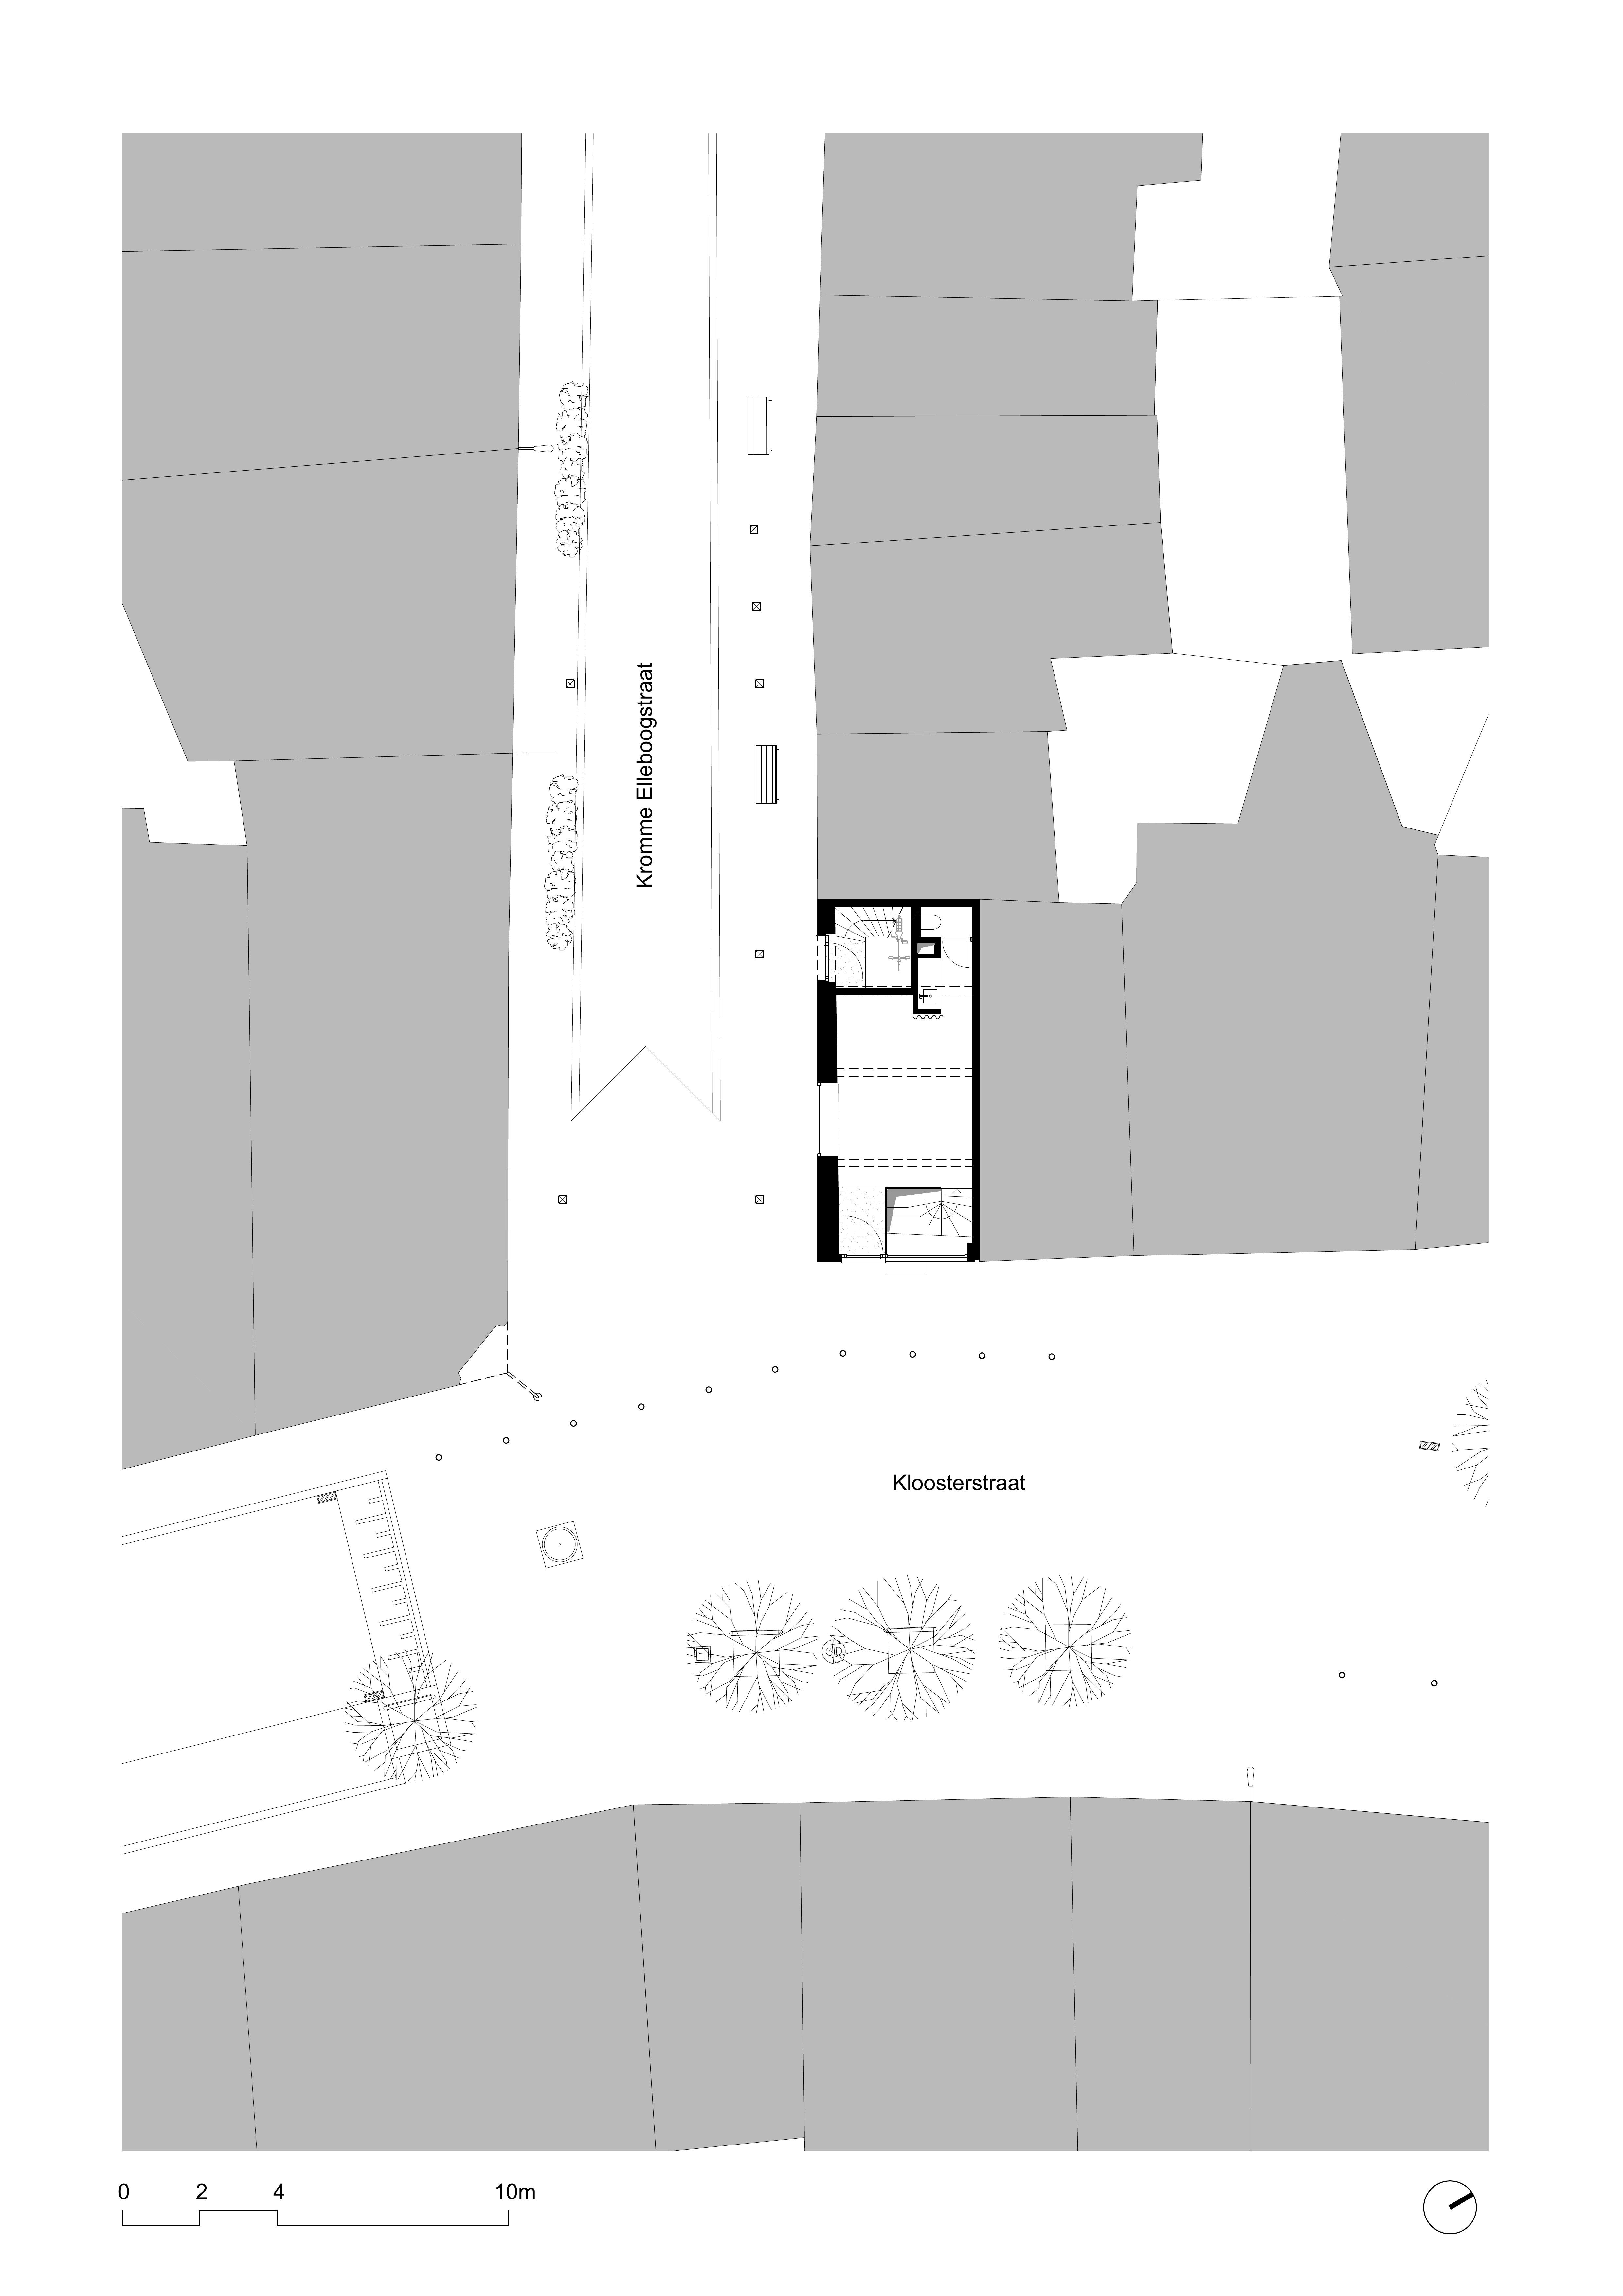 Kloosterstraat Antwerpen - faktordertig - architectuur - restauratie - renovatie - bio-ecologisch bouwen - interieur